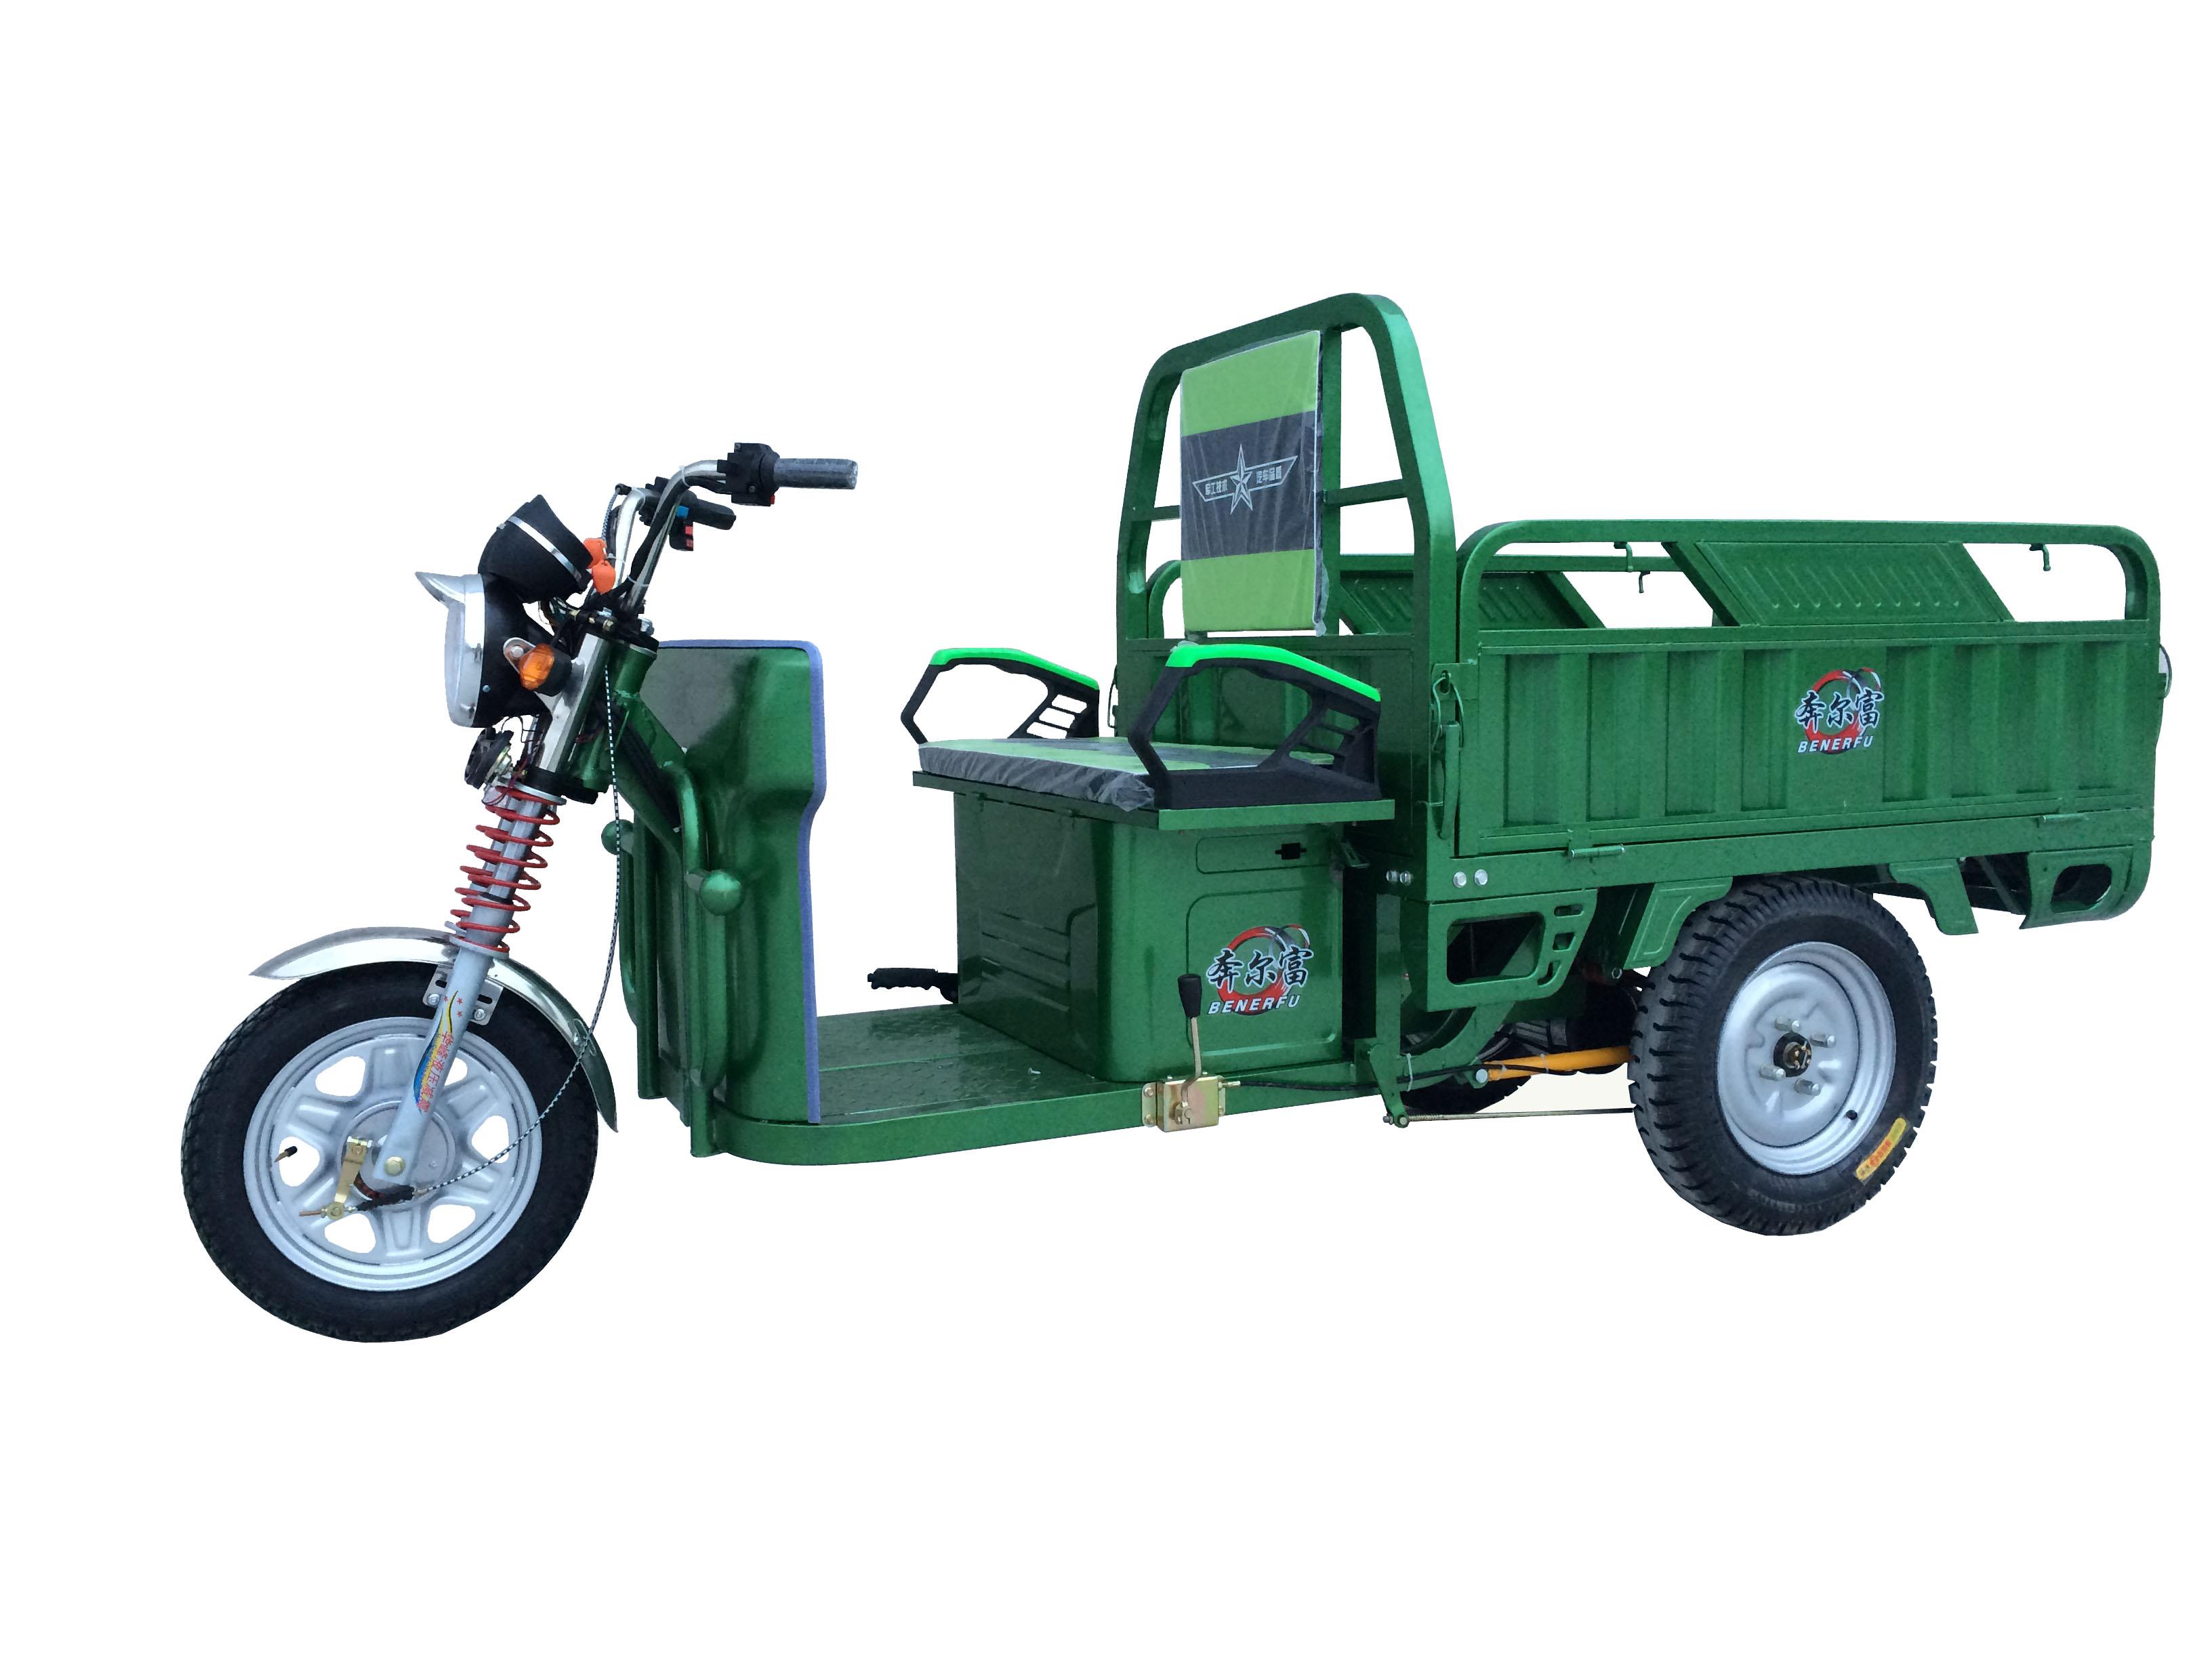 常州电动三轮车_常州专业的电动三轮车厂家